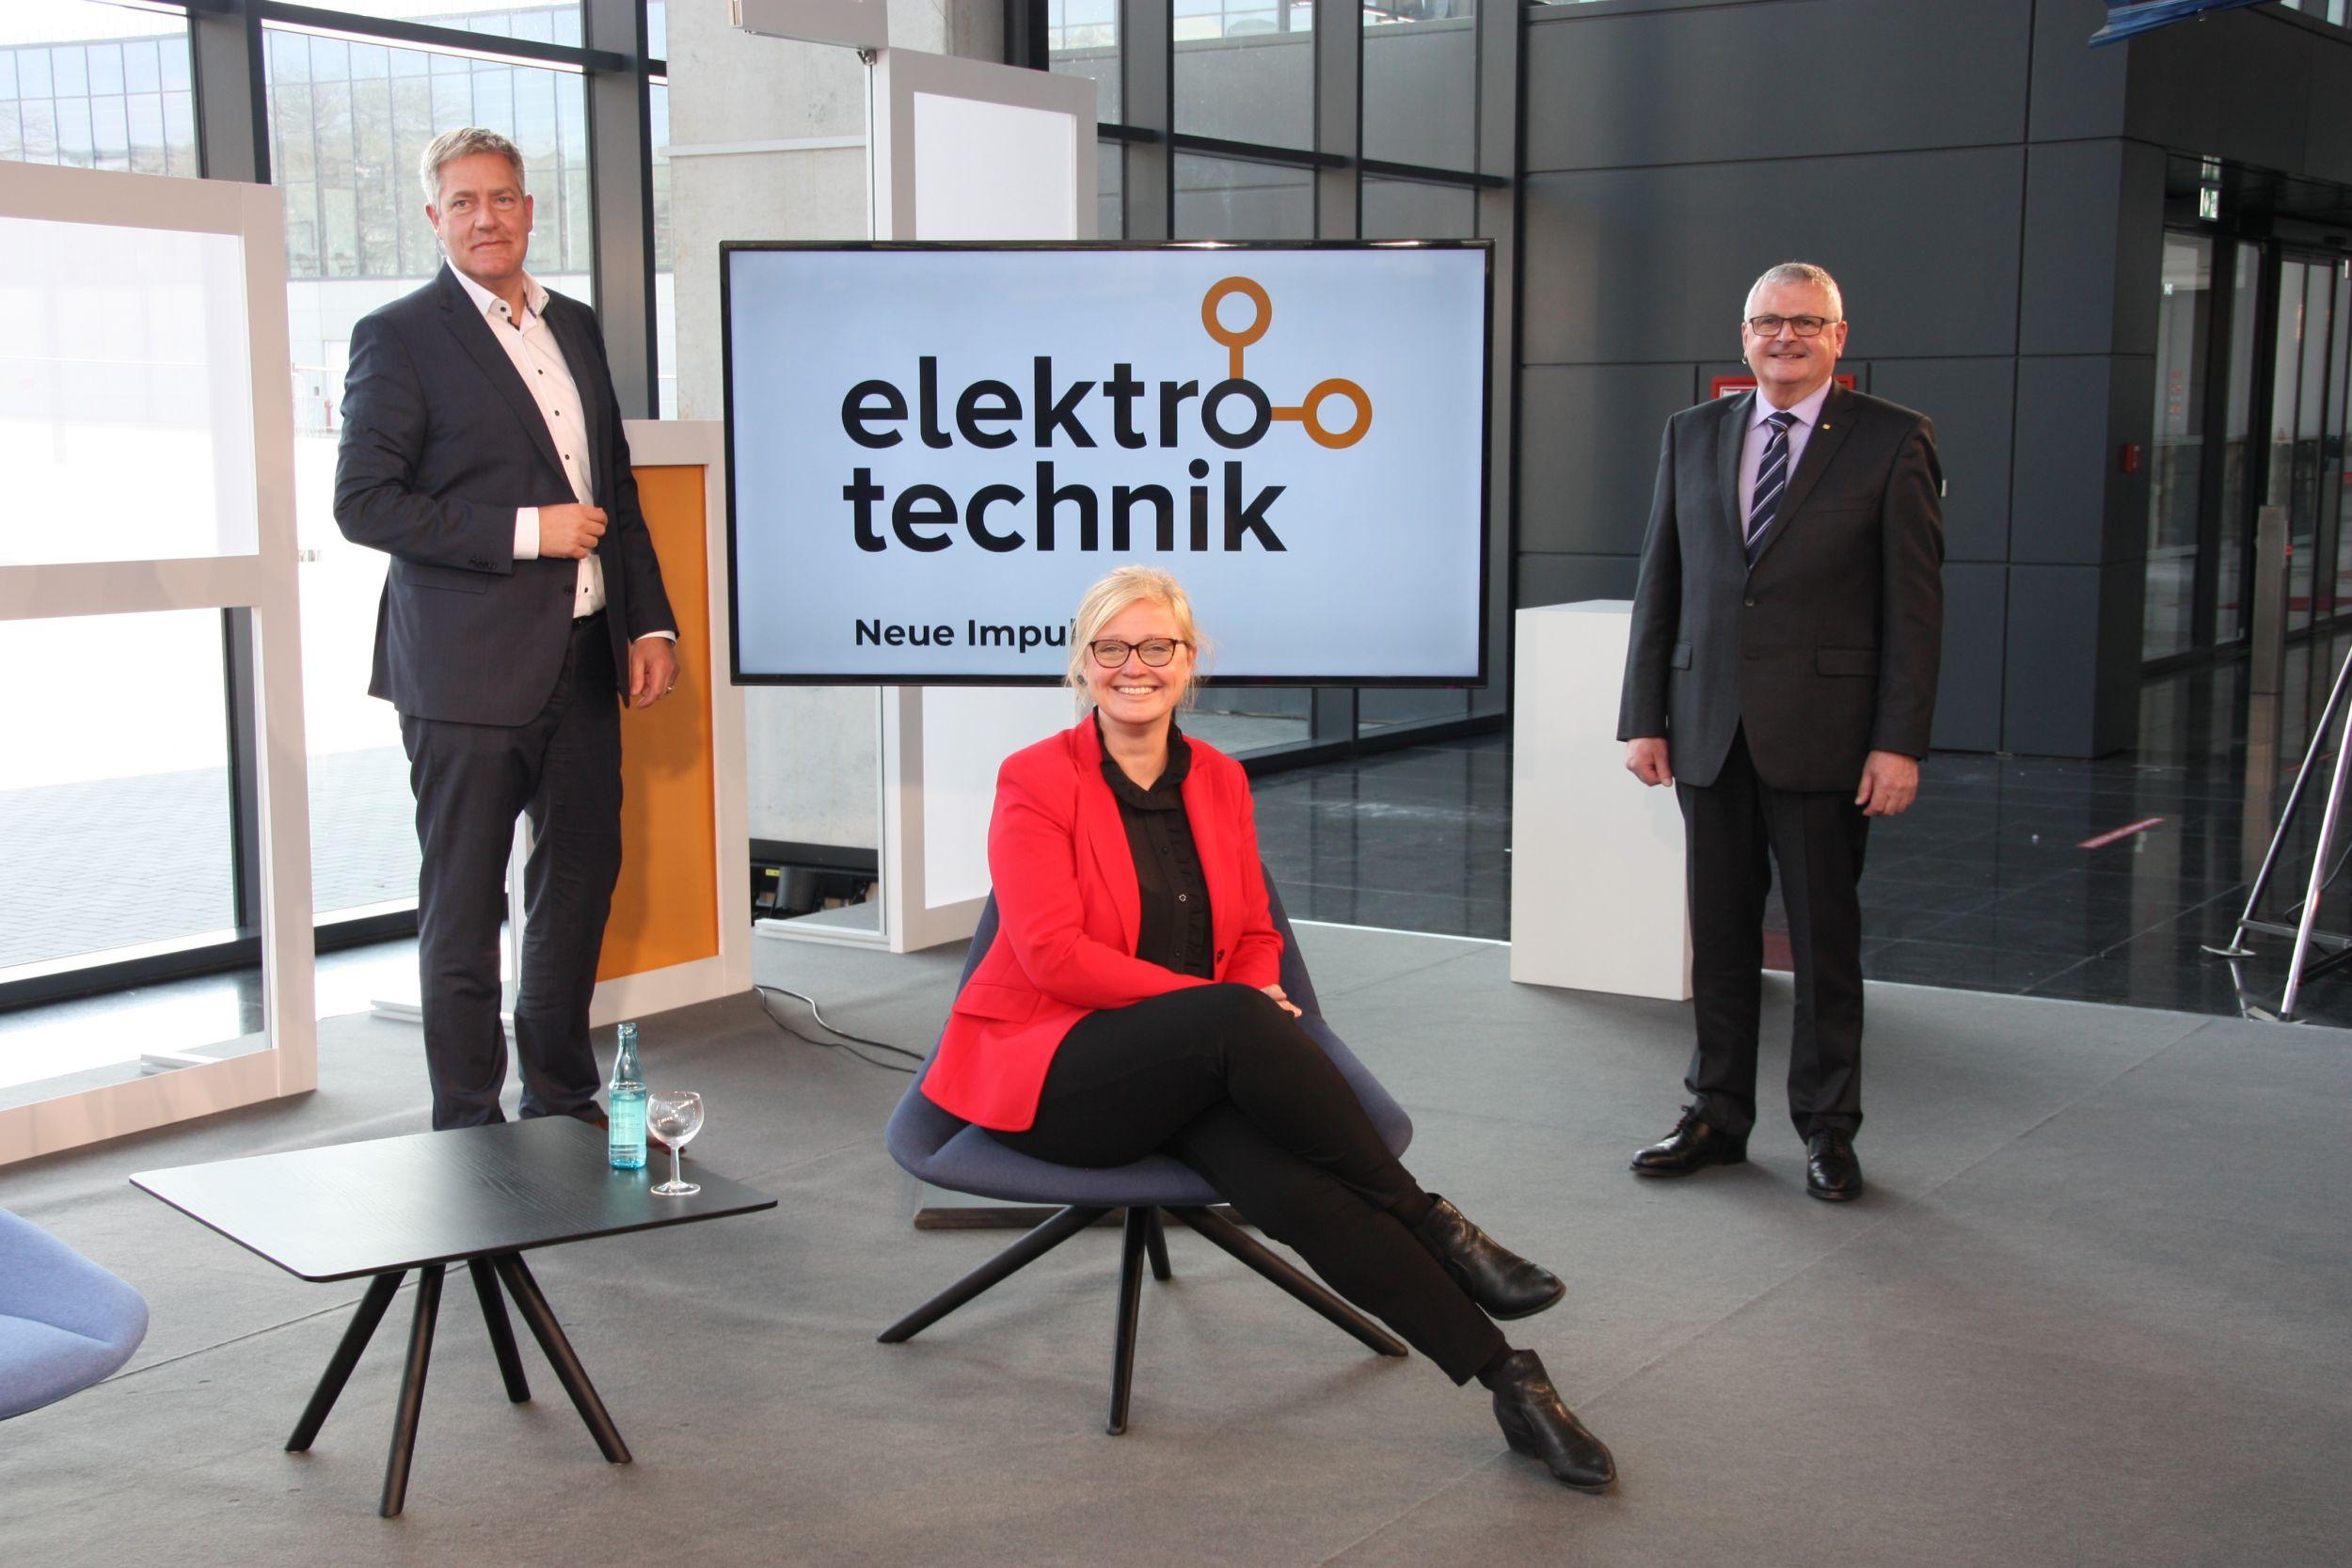 Messe Dortmund sagt Elektrotechnik-Messe im September ab